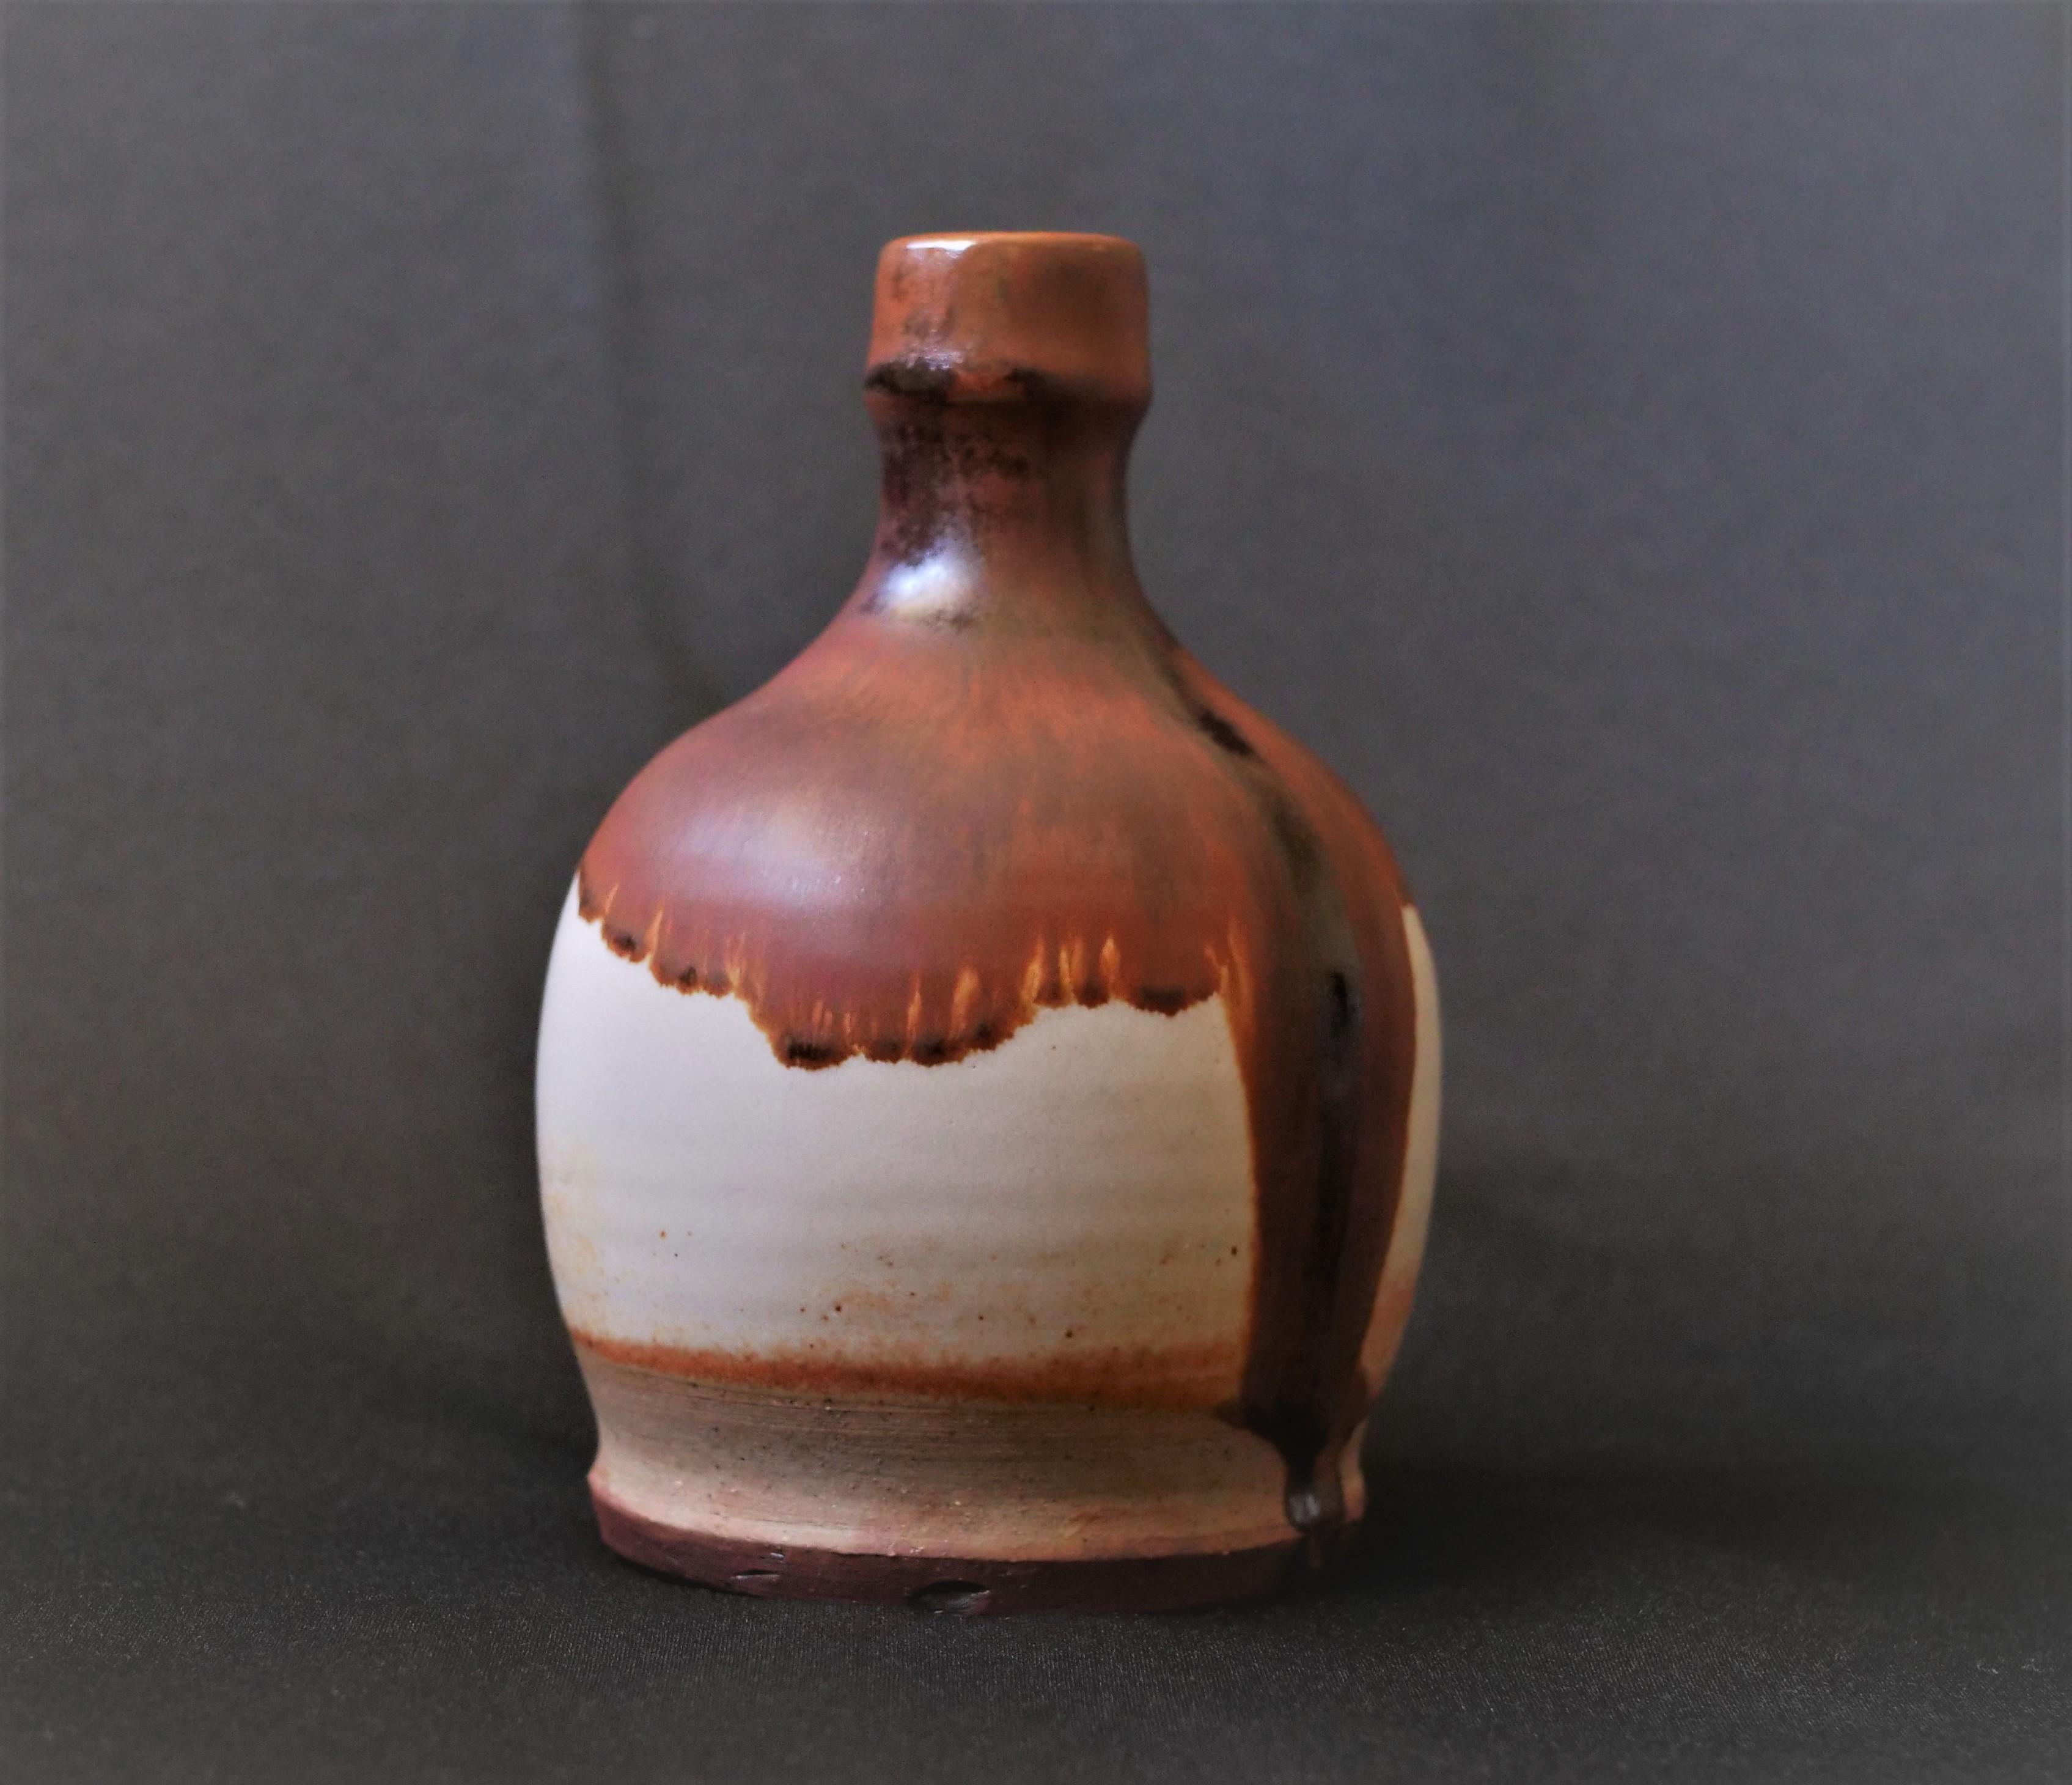 Stuart, Bottle, 6''H x 4''L x 4''W, Stoneware, Cone 10 Reduction